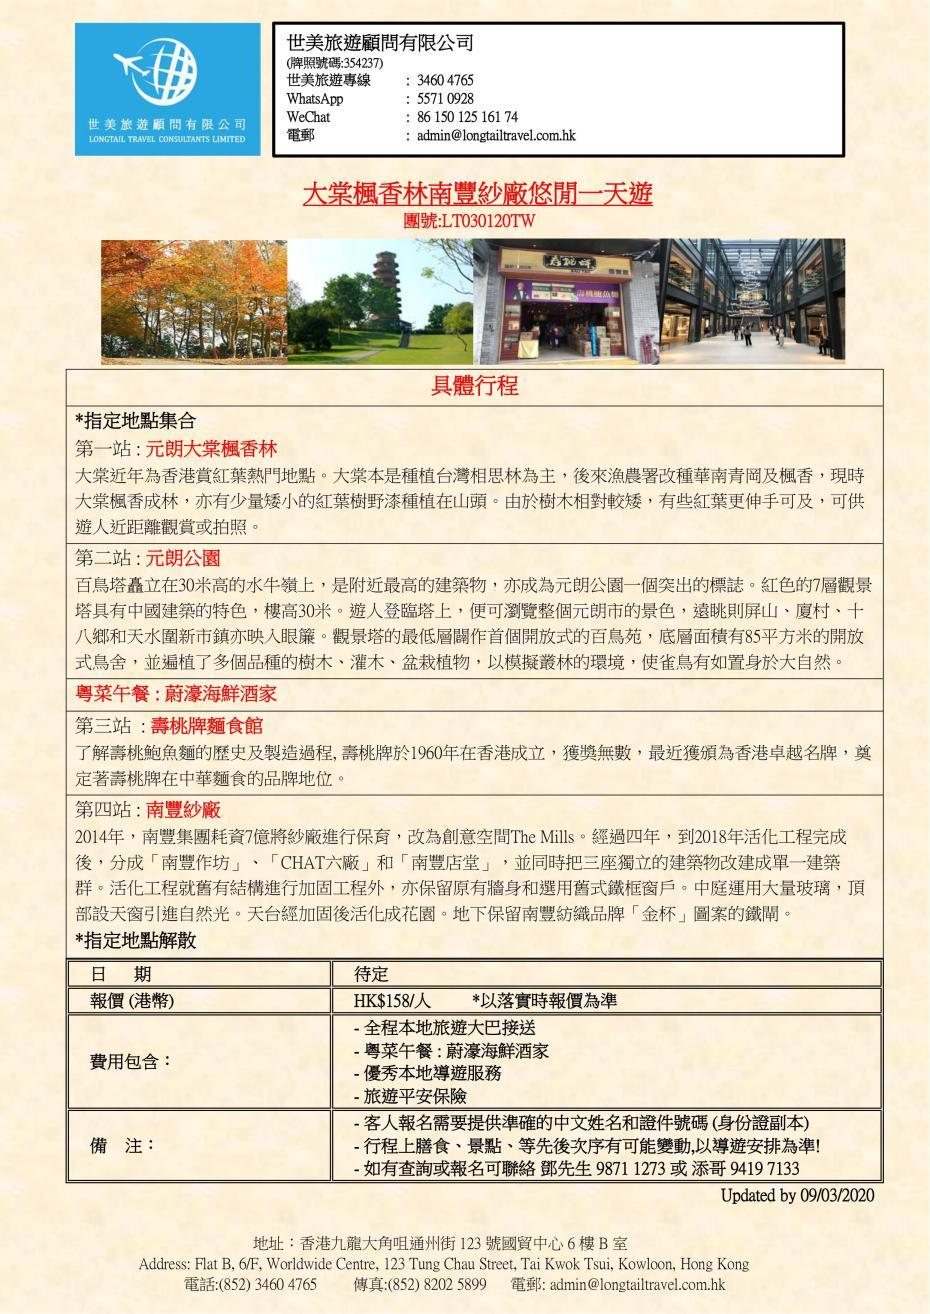 大棠楓香林南豐紗廠悠閒一天遊-團號LT030120TW